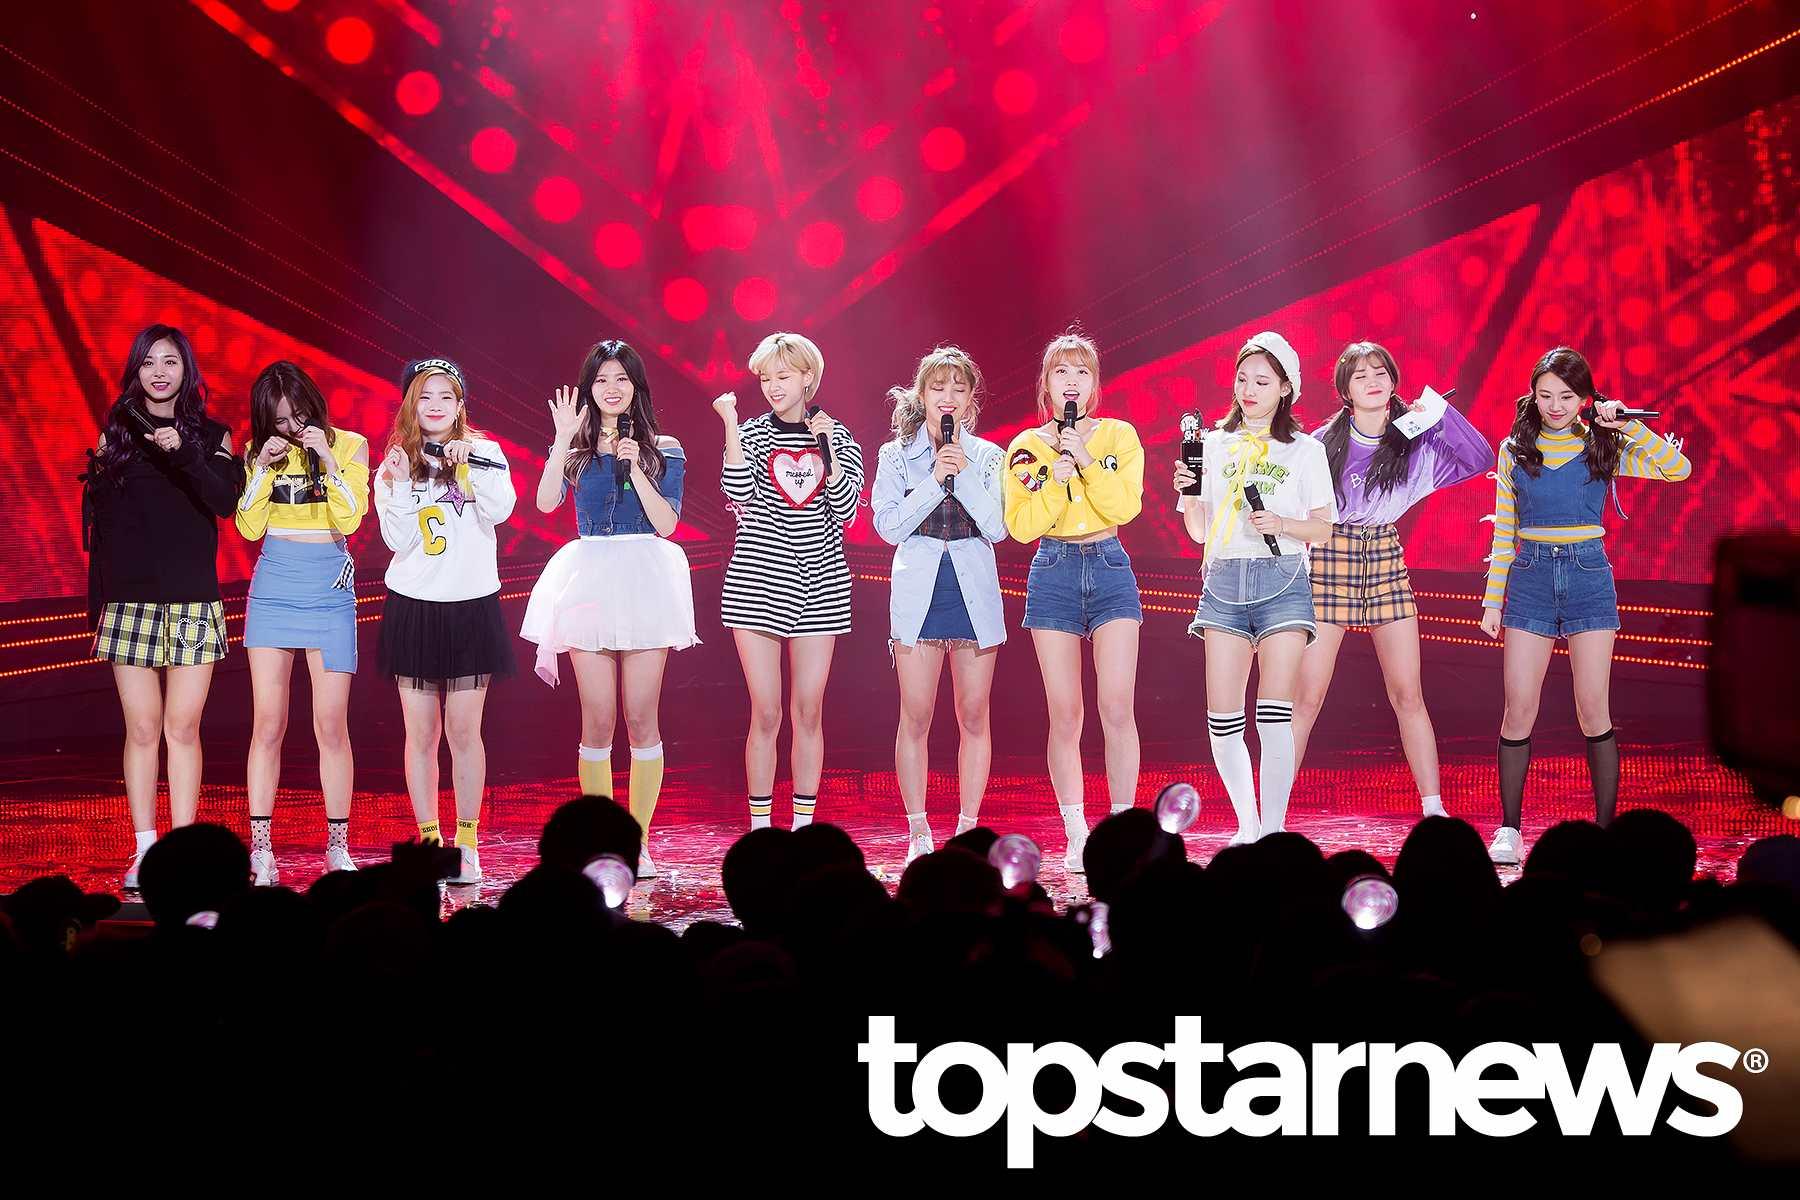 安可舞台時,原本 I.O.I 的成員Somi本來準備要下台,沒想到先是娜璉把麥克風遞給Somi要她跟著唱一段,Somi唱完又準備要下台時又被彩瑛拉住,最後不只一起留到安可舞台結束,Somi還和TWICE成員一起牽起手向台下謝幕